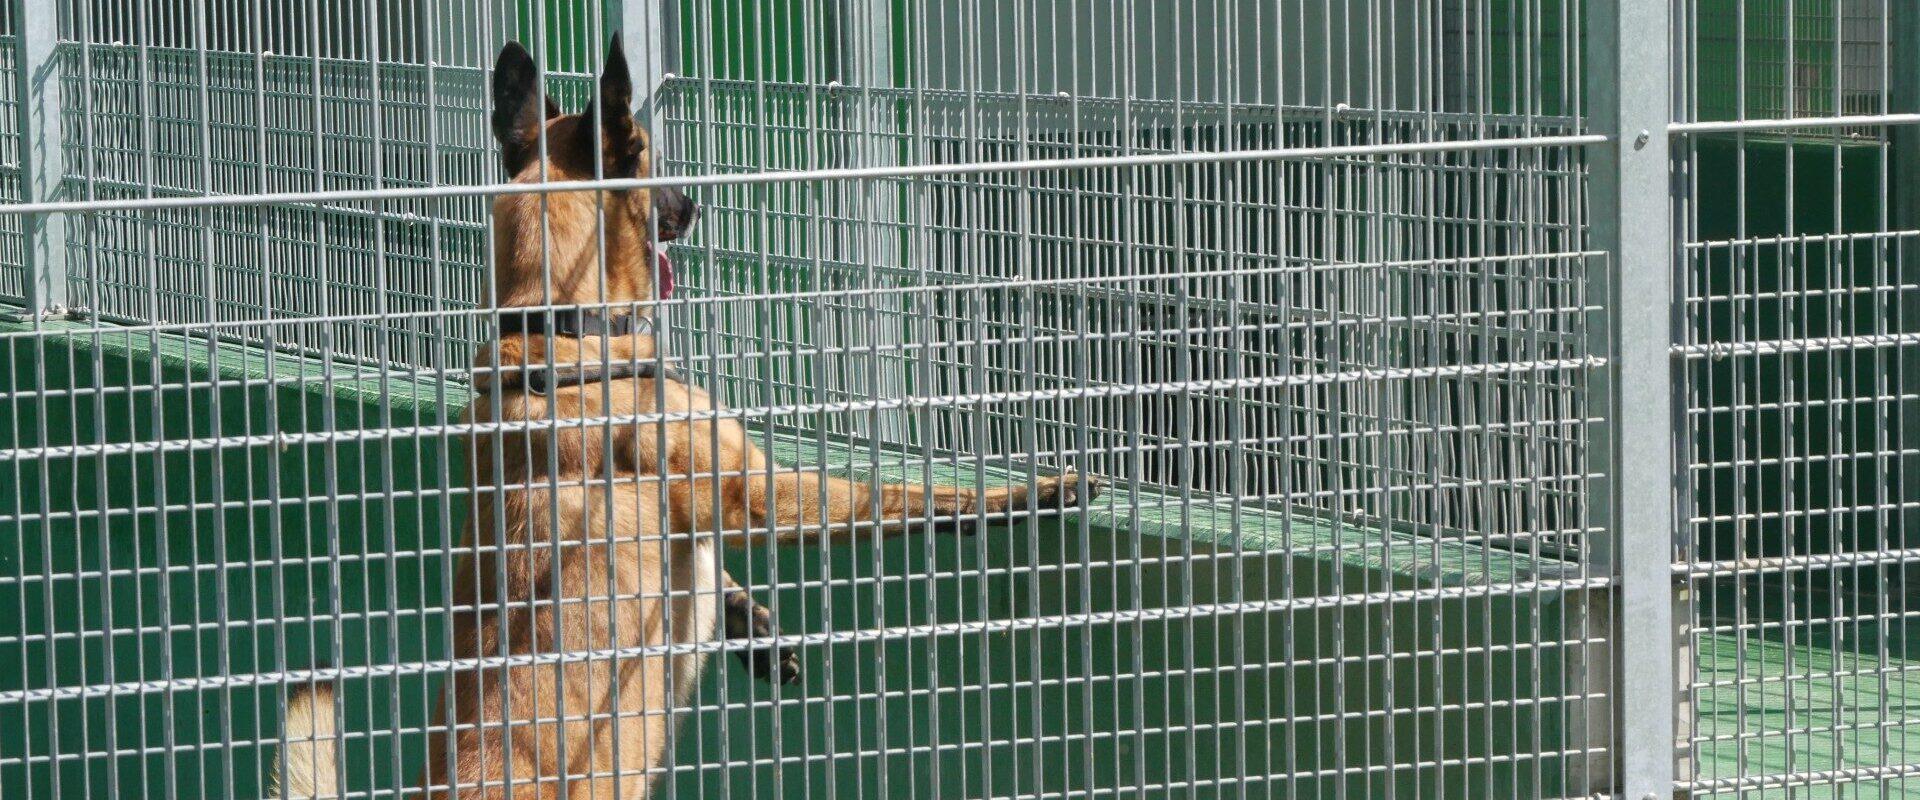 À la SPA Strasbourg: «À un moment de ma vie, je me suis sentie aussi abandonnée que ces animaux»